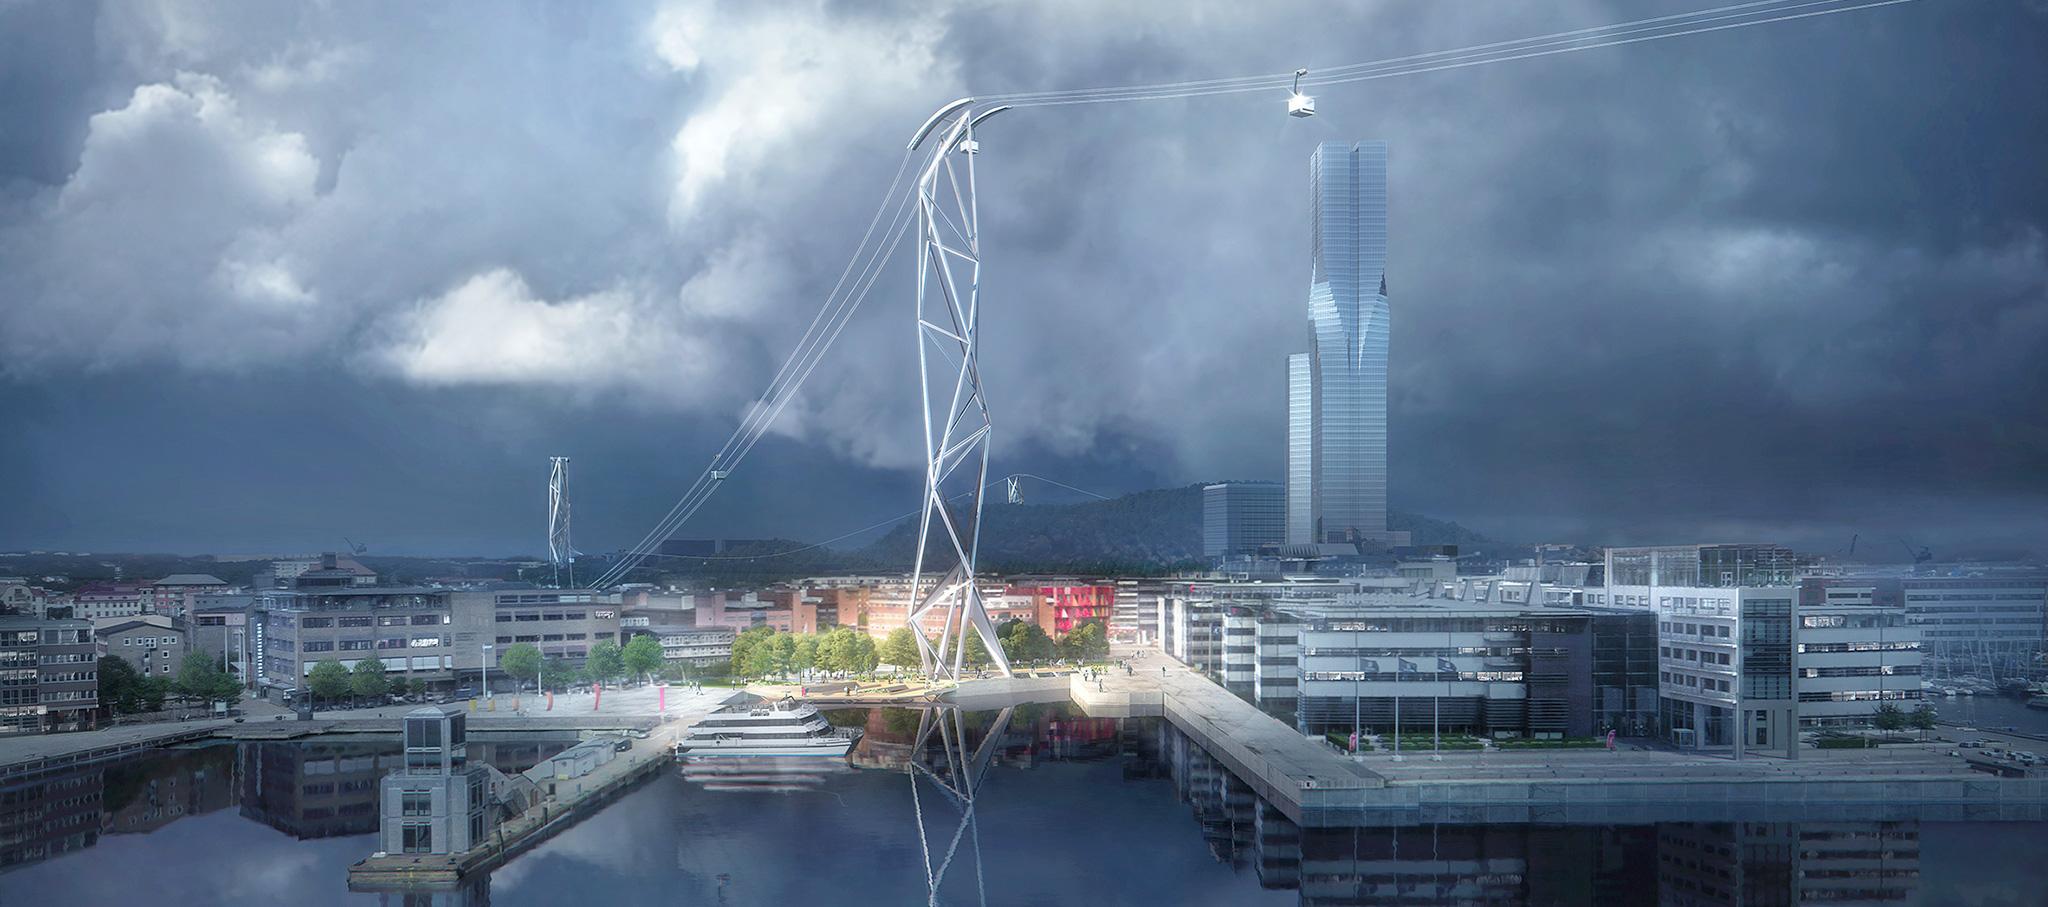 Kjellgren Kaminsky es el arquitecto local del proyecto, mientras que Knippers Helbig es responsable de la estructura y los asesores de ingeniería. Licht y Soehne asesoraron han realizado el diseño de iluminación. Imagen de Plompmozes / UNStudio